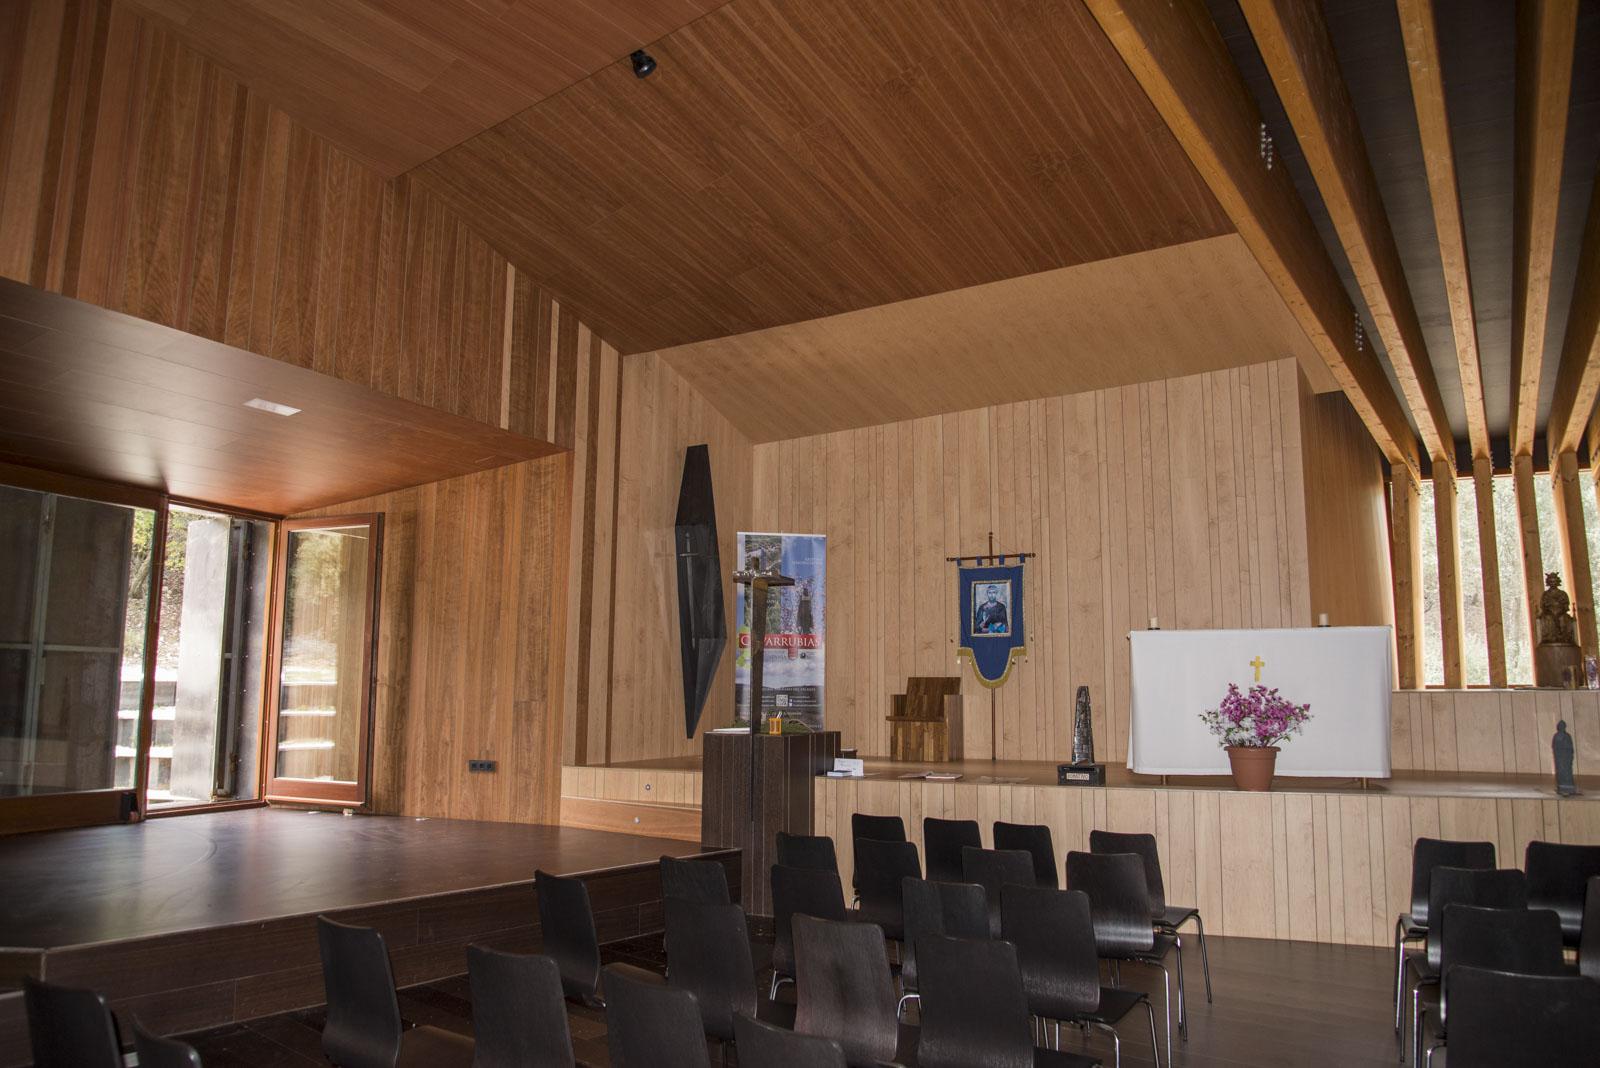 Kirkerommet har en scene for kirkelige aktiviteter og en for eksempelvis konserter. Døren bak kan åpnes ut mot det utendørs amfiet